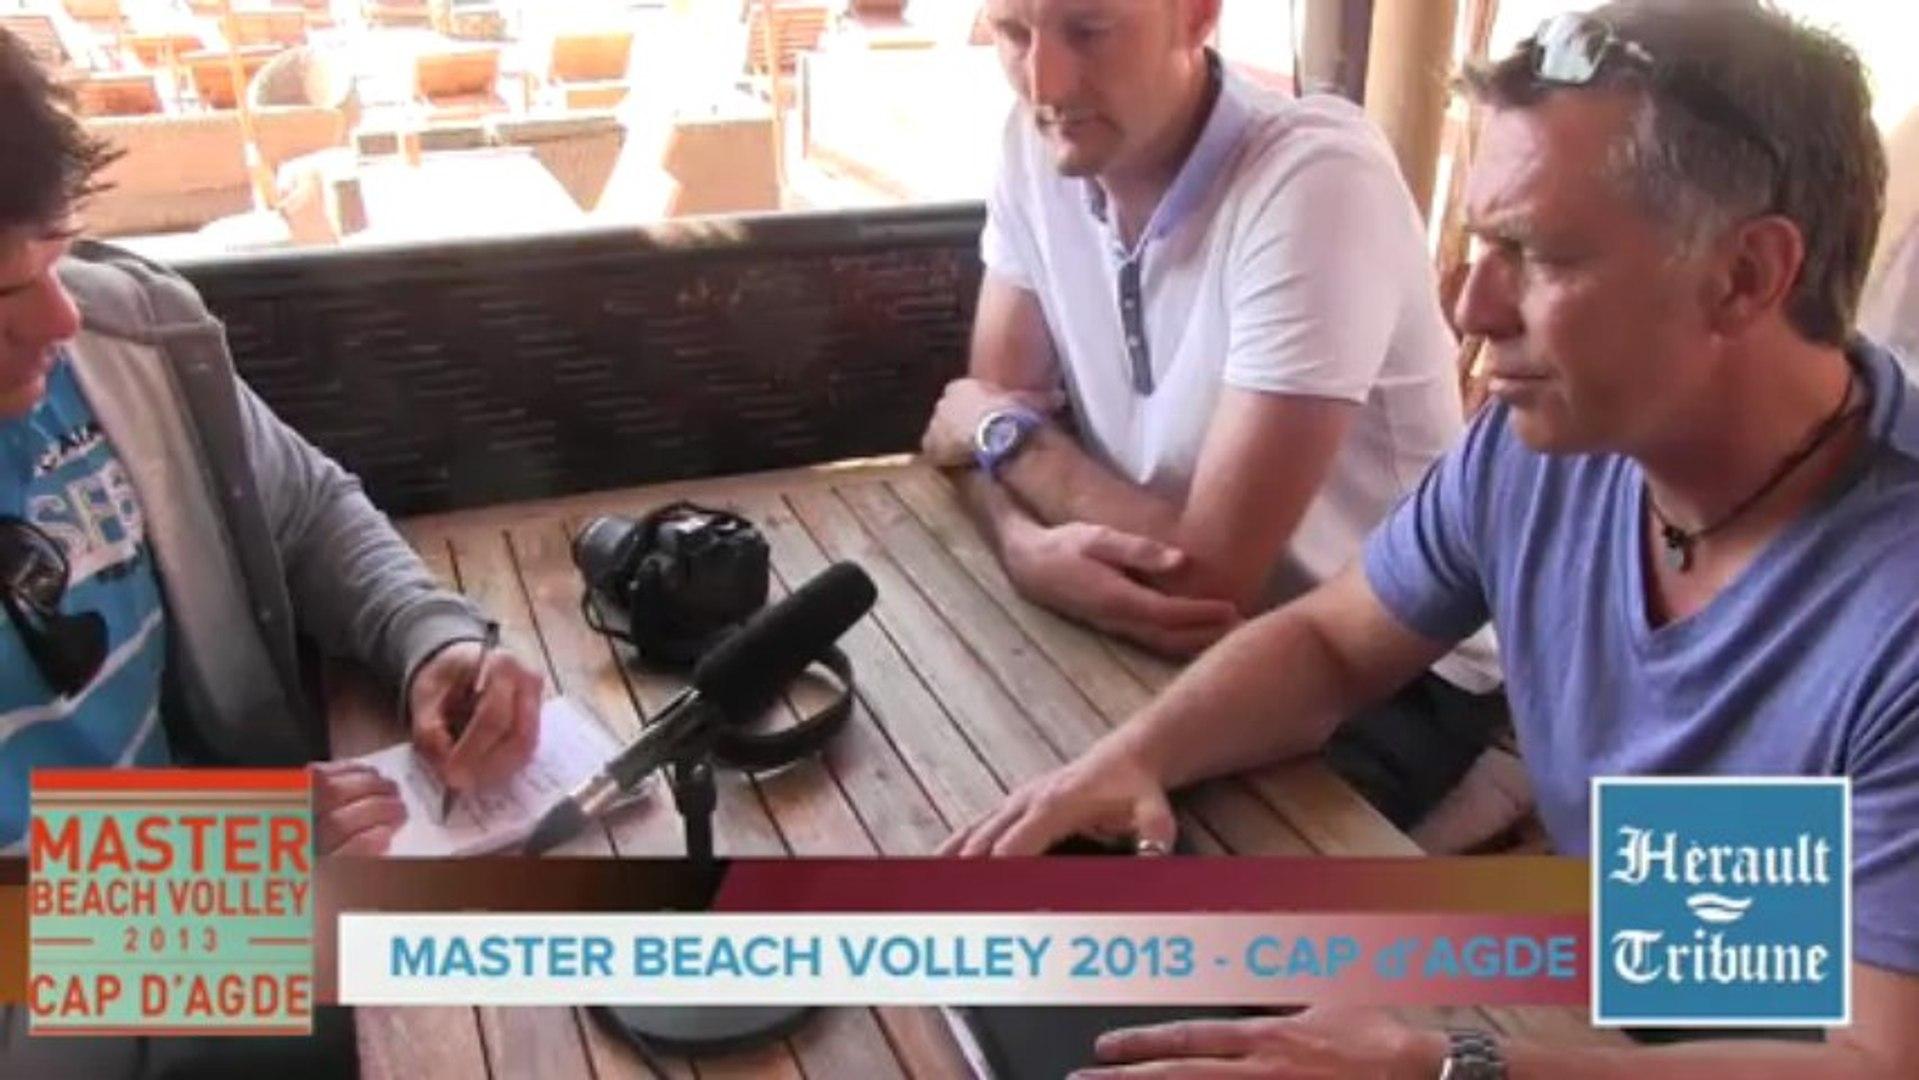 CAP D'AGDE - 2013 - MASTER BEACH VOLLEY 2013 au CAP d'AGDE les 29 et 30 juin 2013